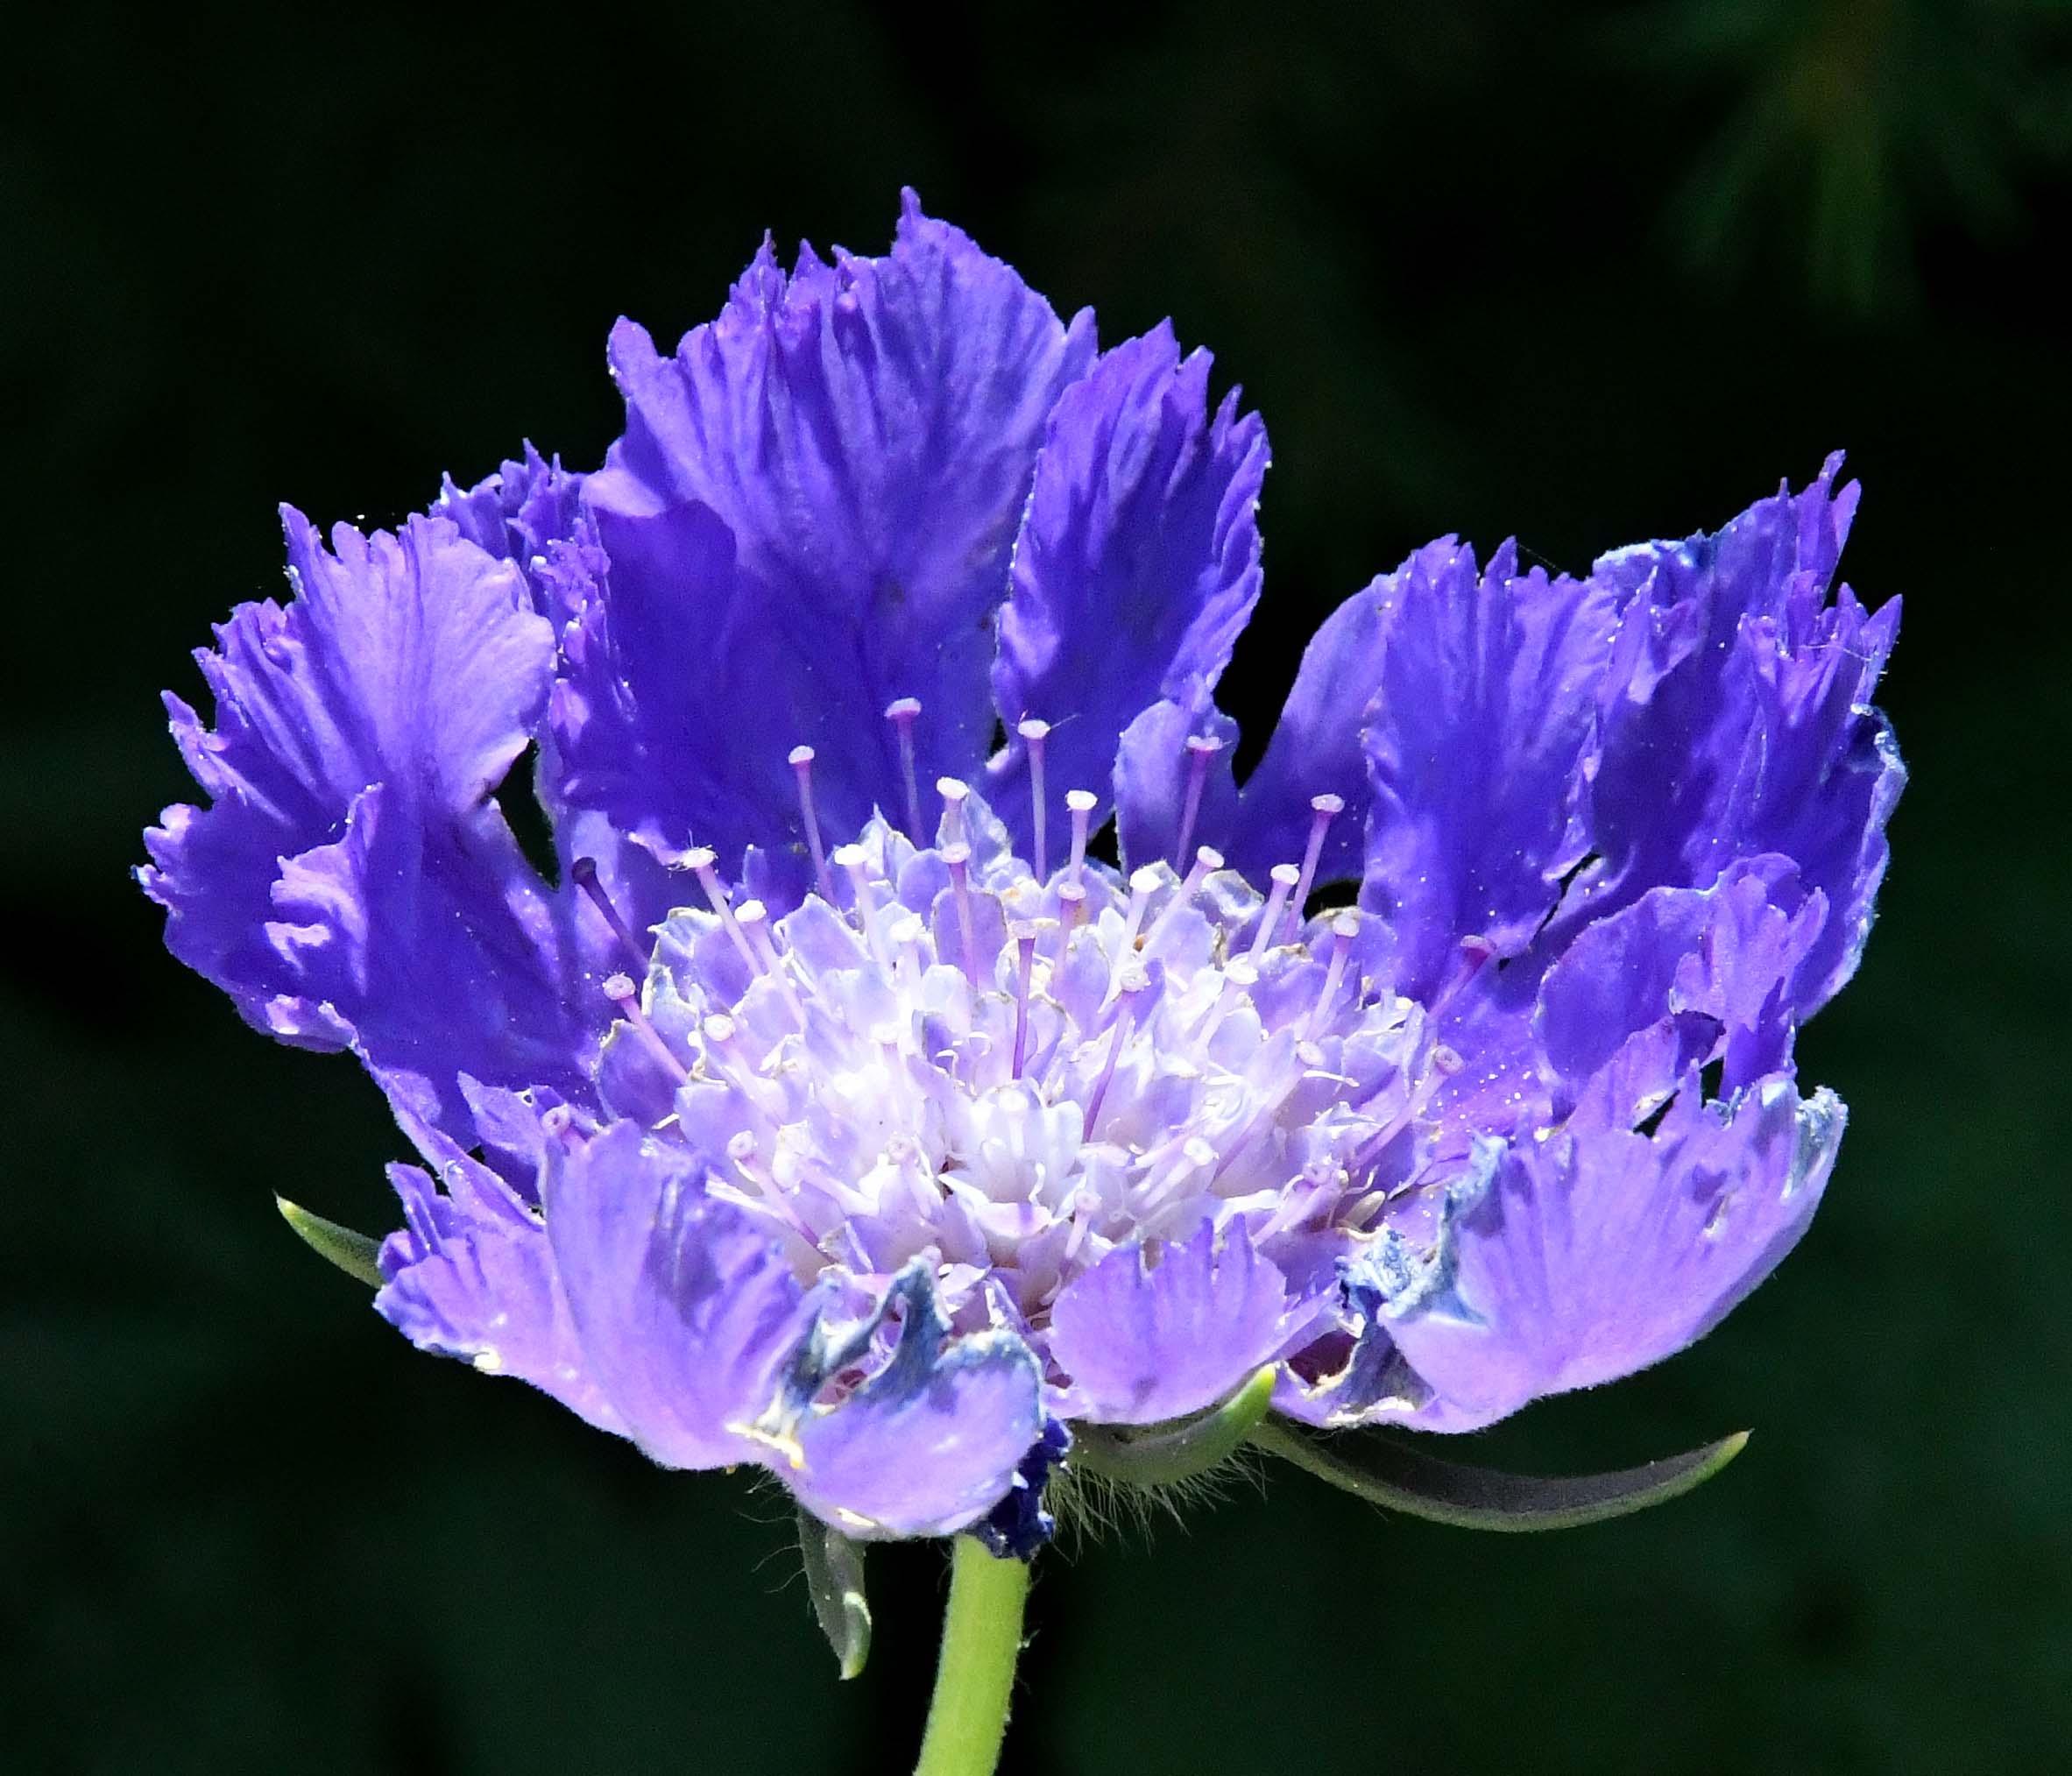 Scabiosa_Pincushion Flower_DBG-CO_LAH_7349